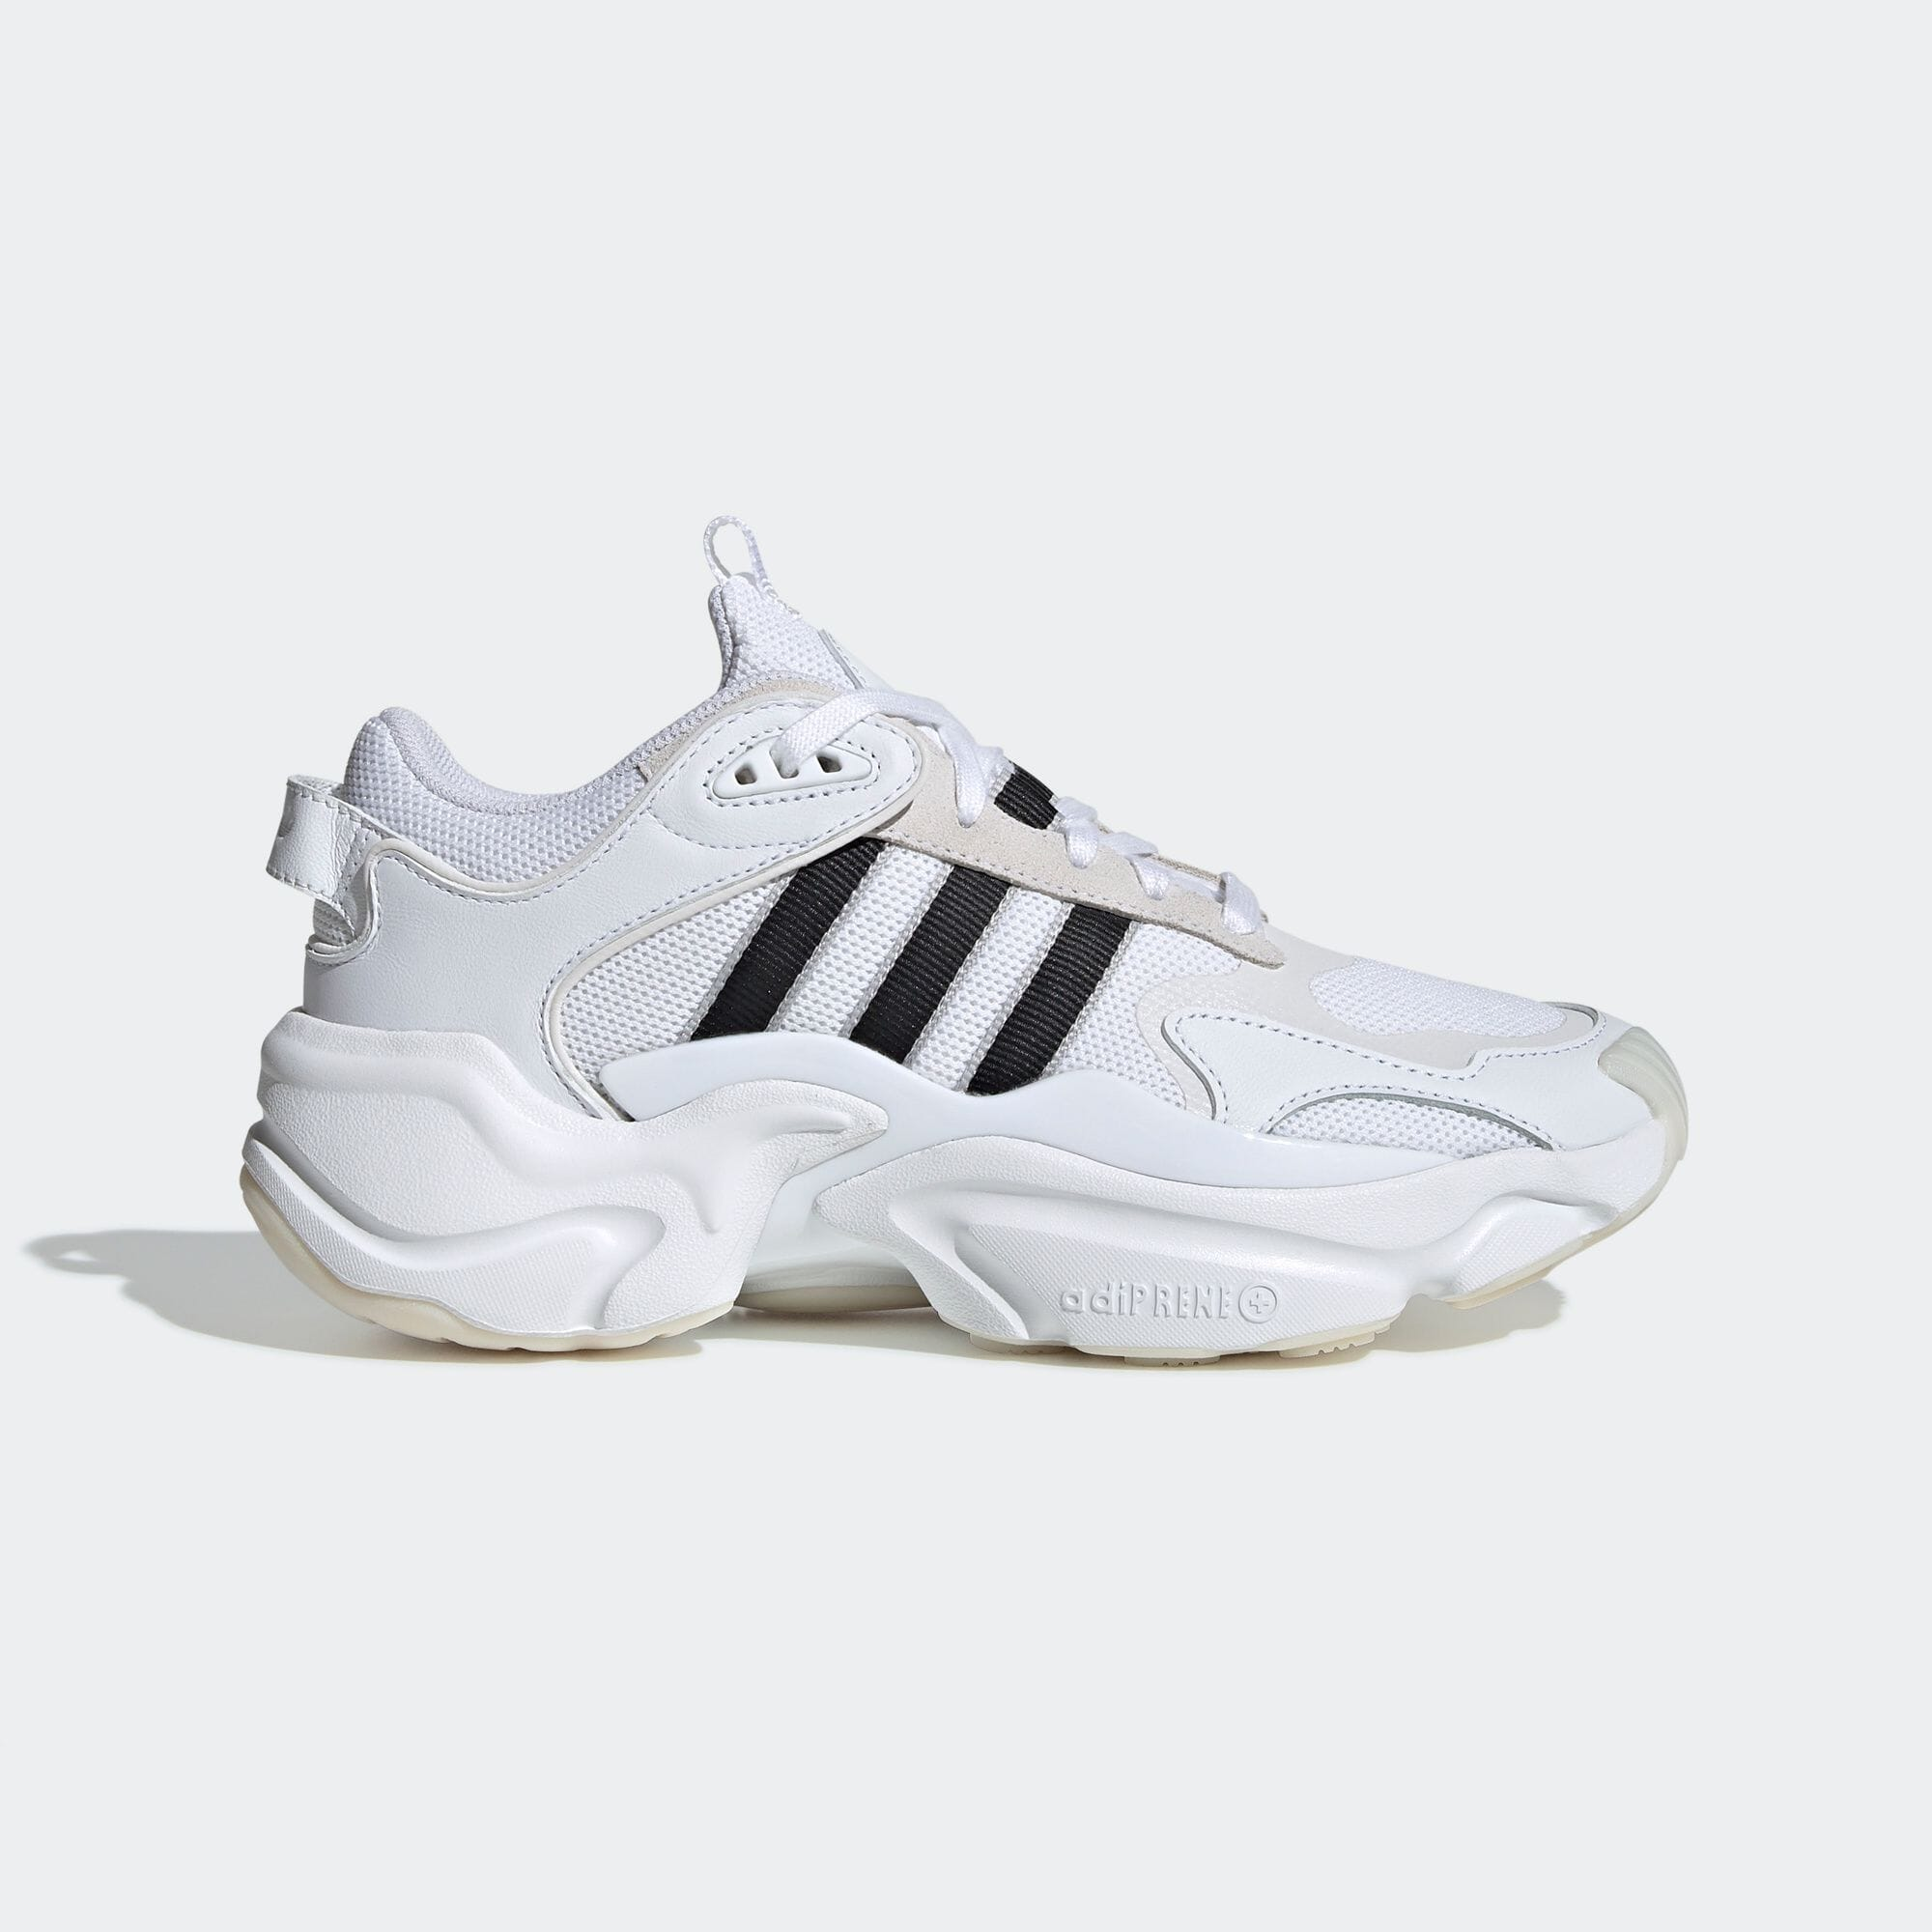 マグマ ランナー[Magmur Runner Shoes]